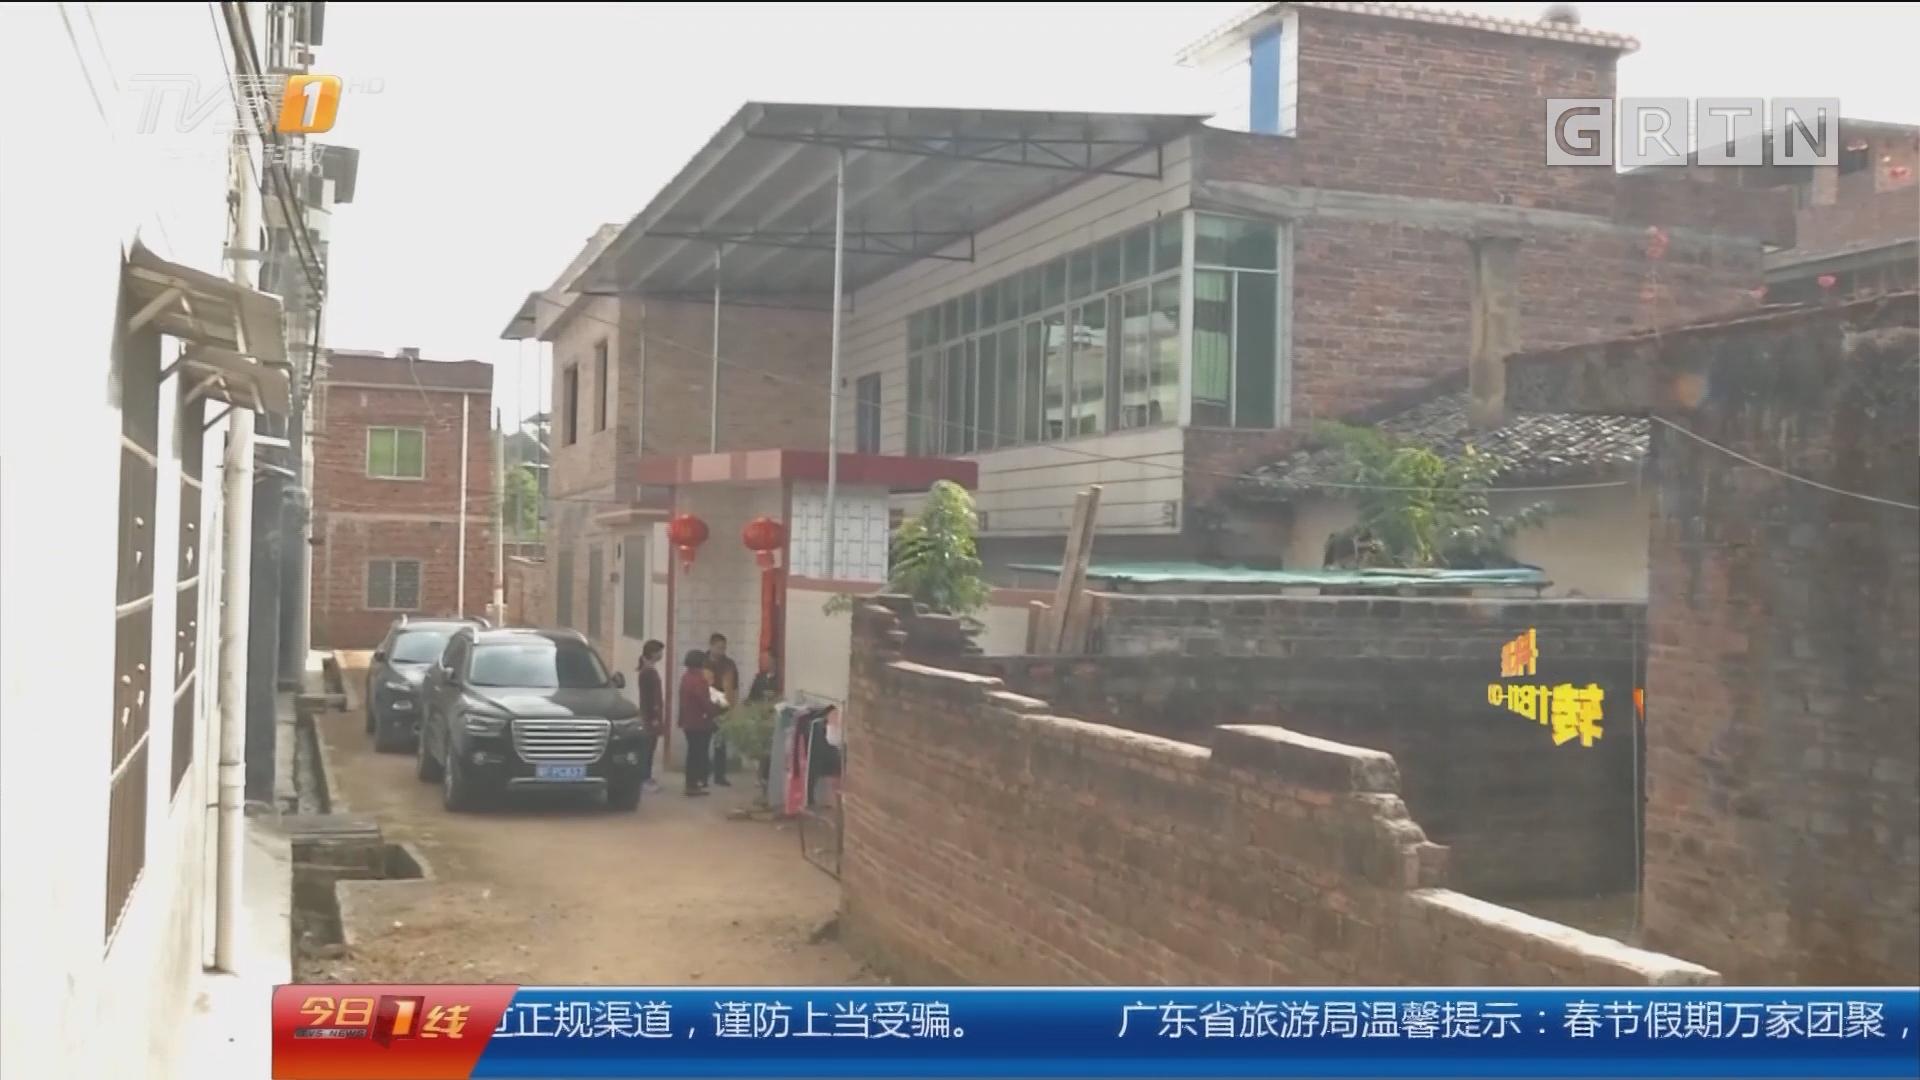 韶关翁源:警方通报故意伤害致死案 造成一死一伤